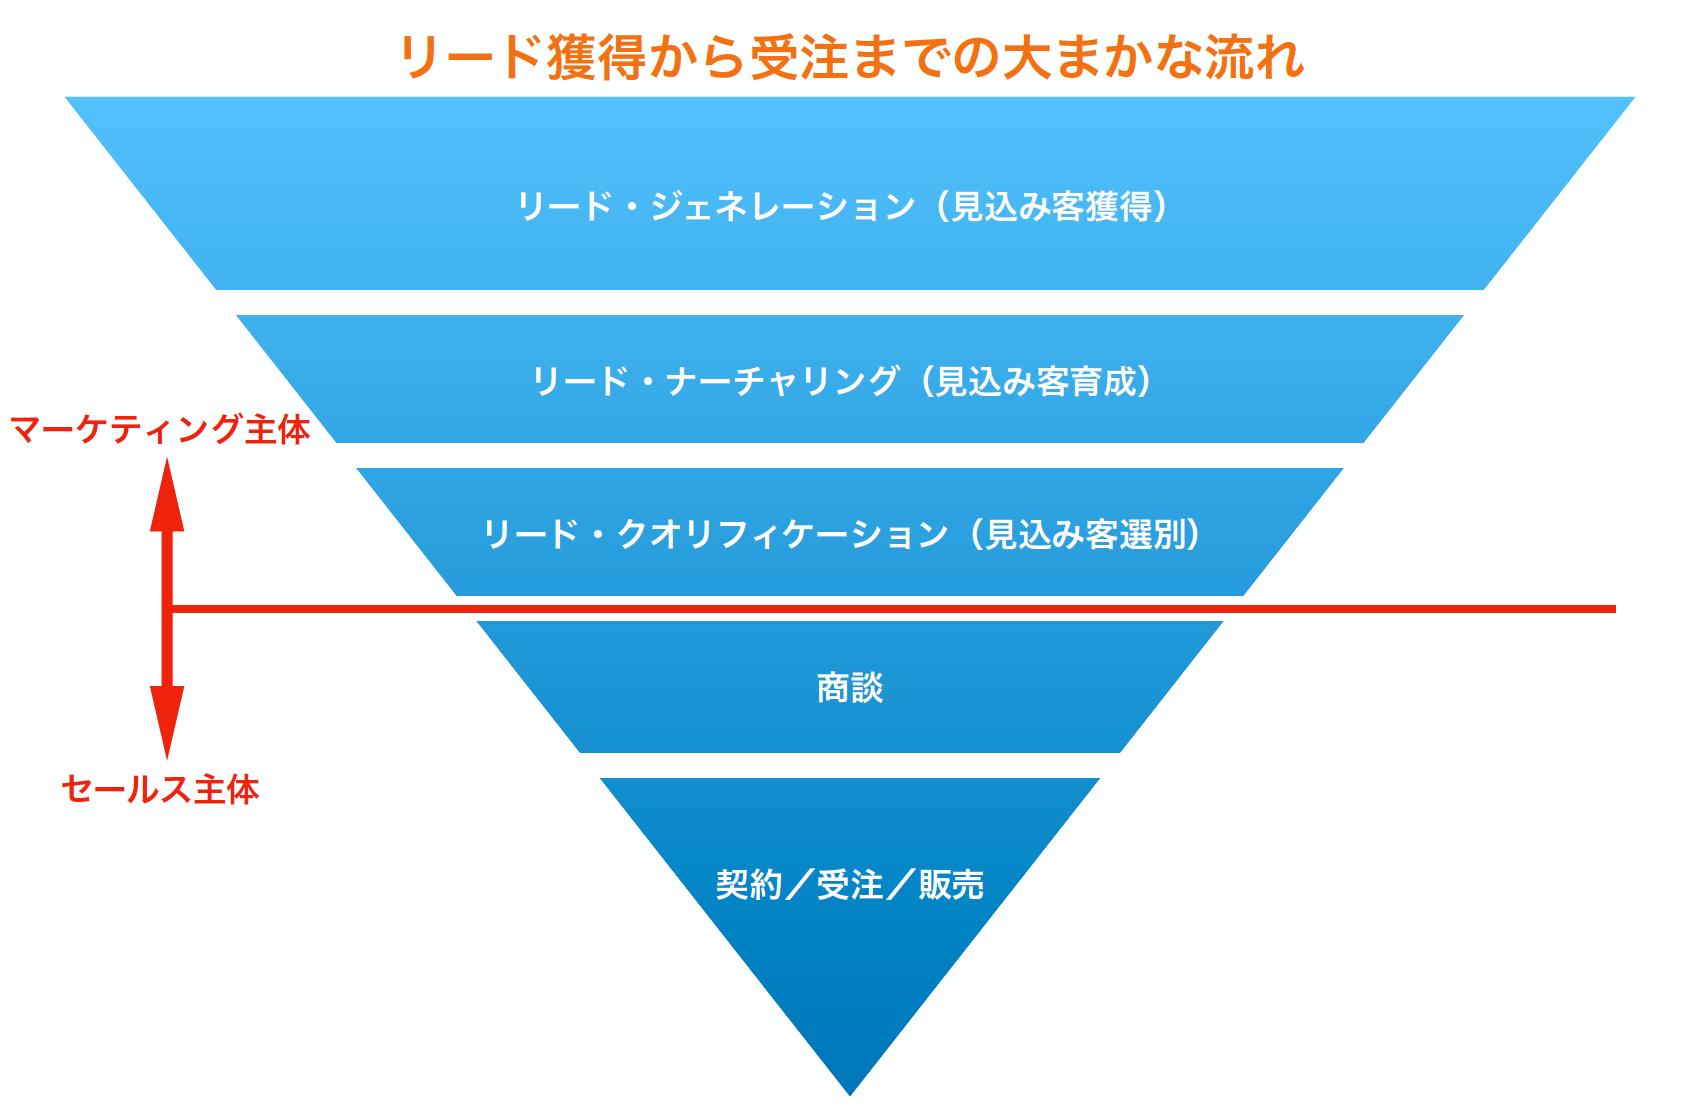 リード獲得から受注までの図